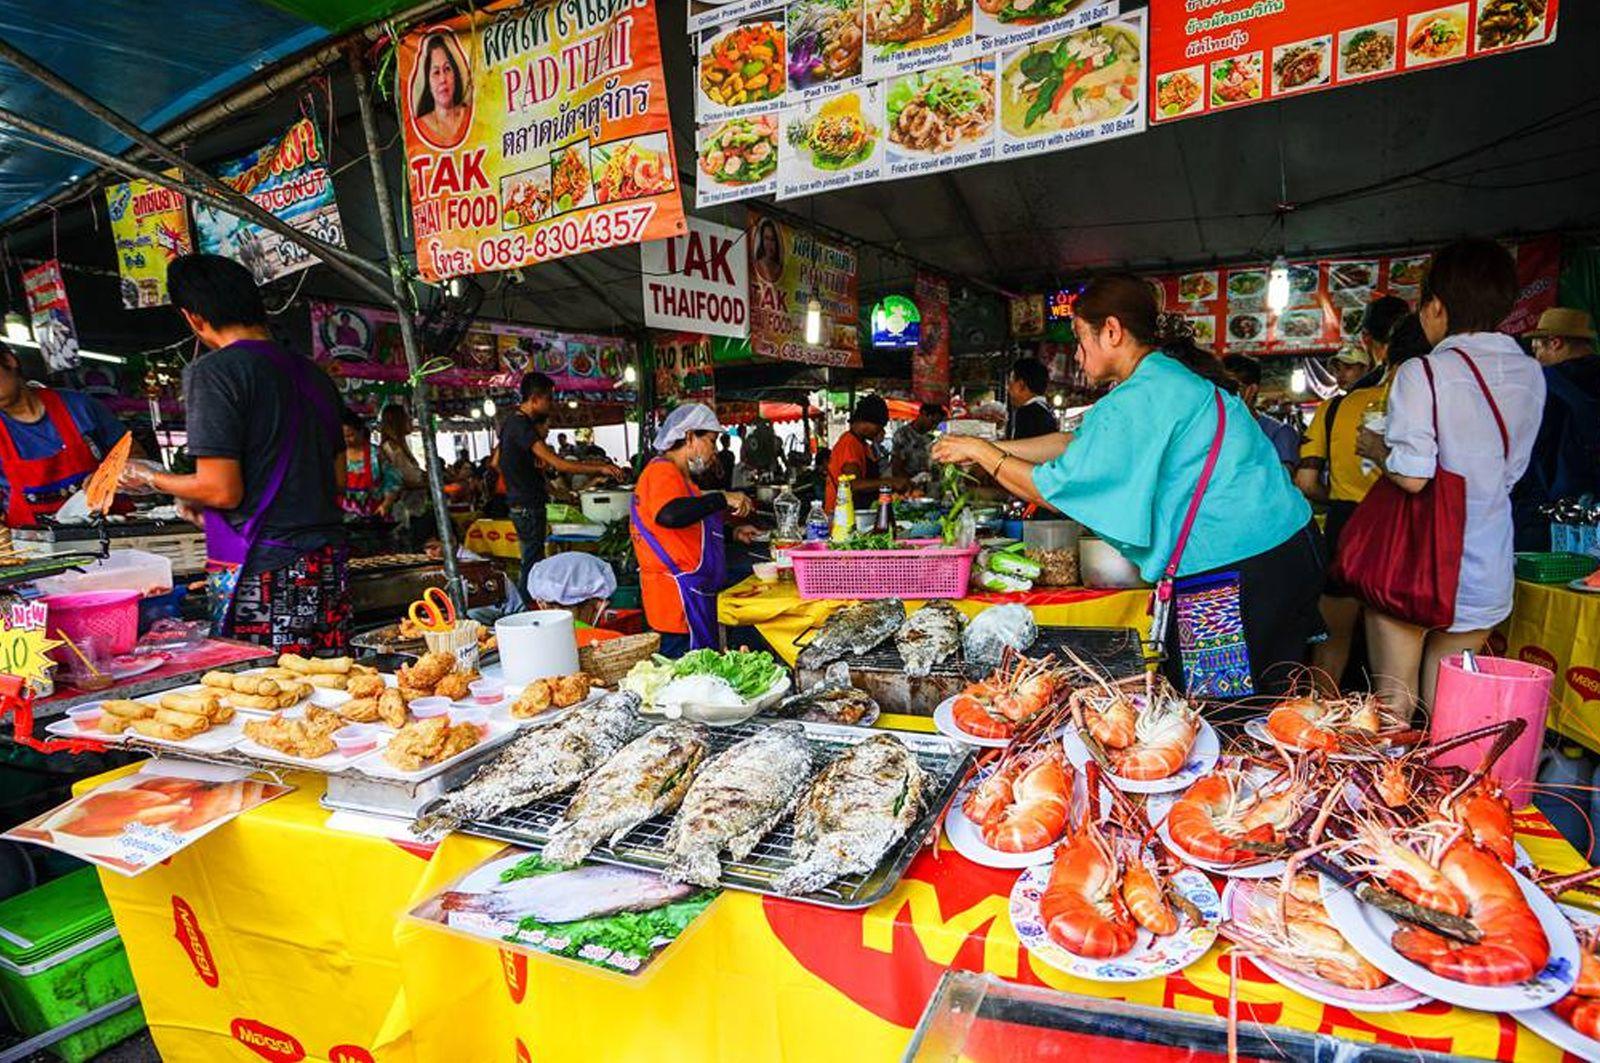 Ăn gì tại chợ Chatuchak?